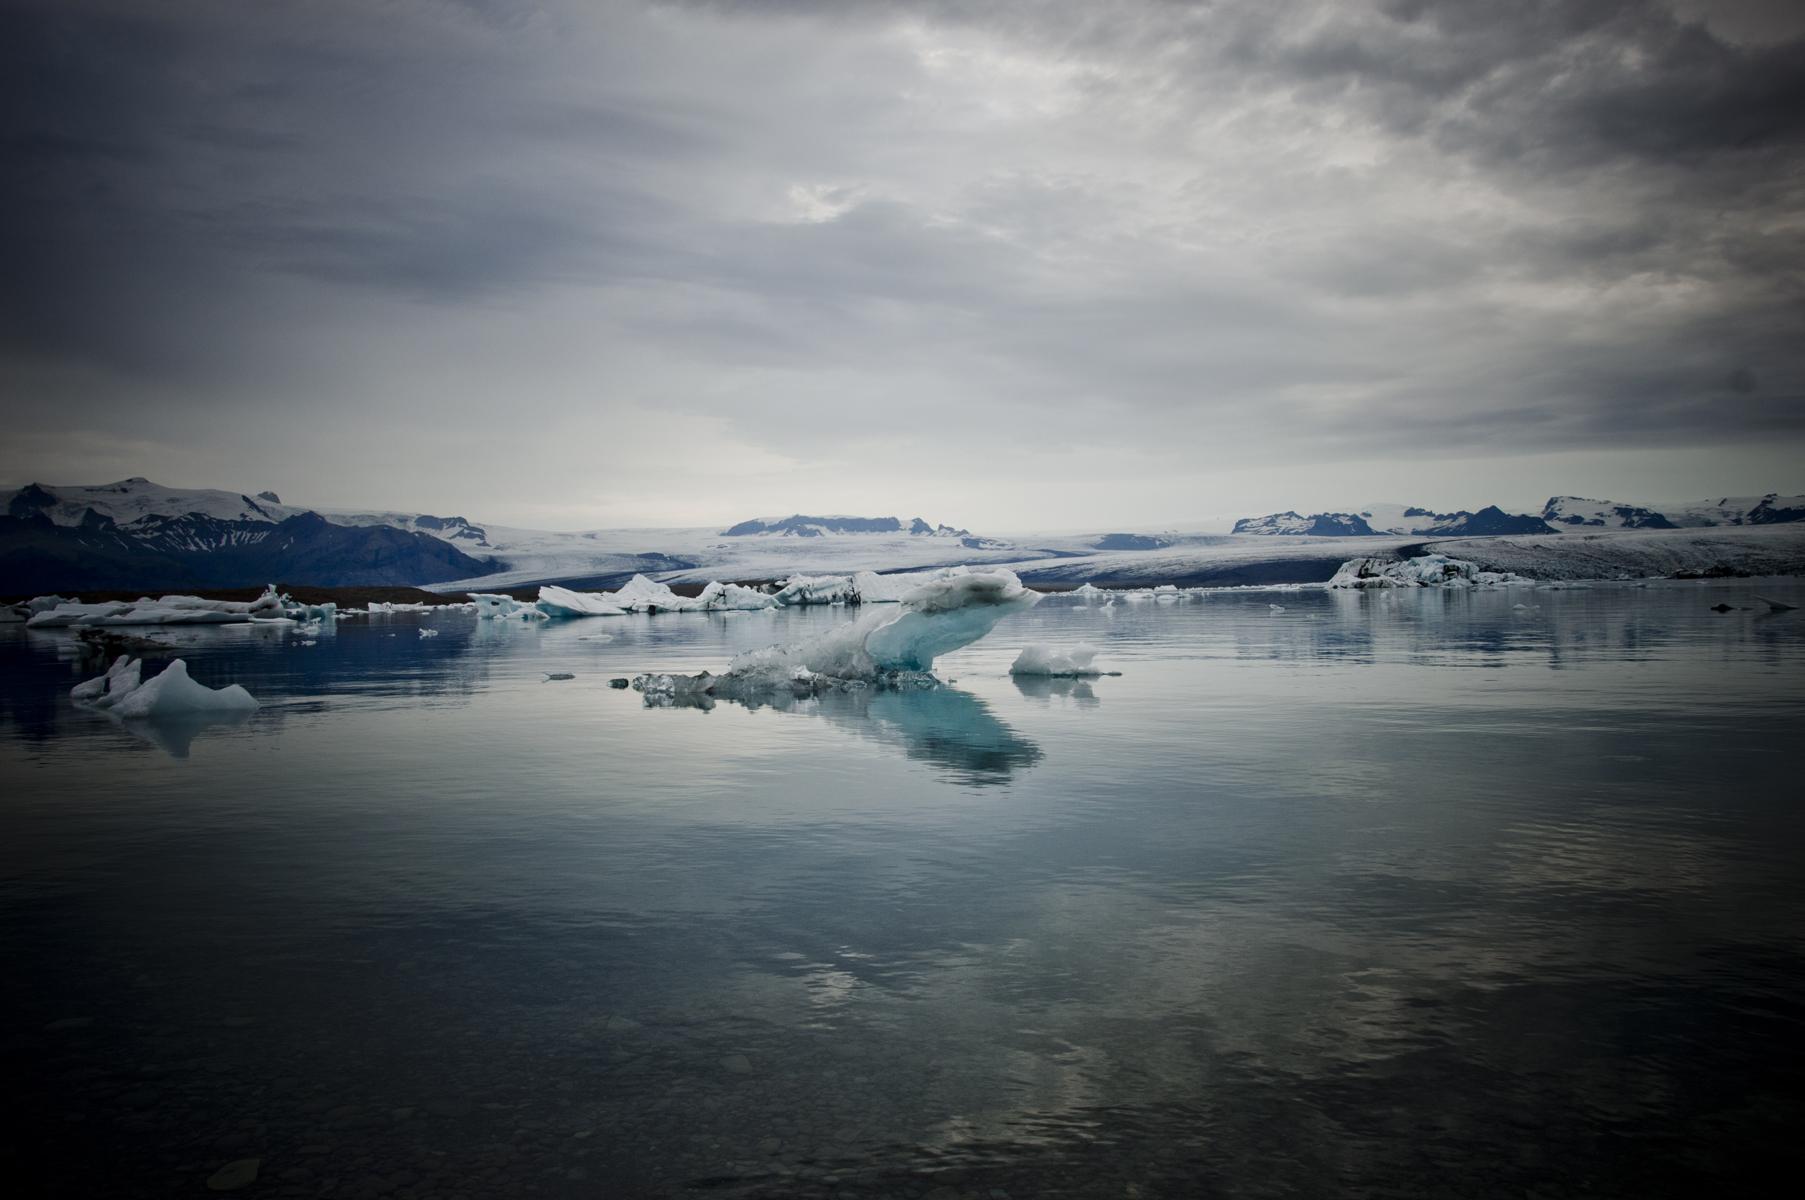 Islandia_Jokursalon-sonsoles-lozano-8